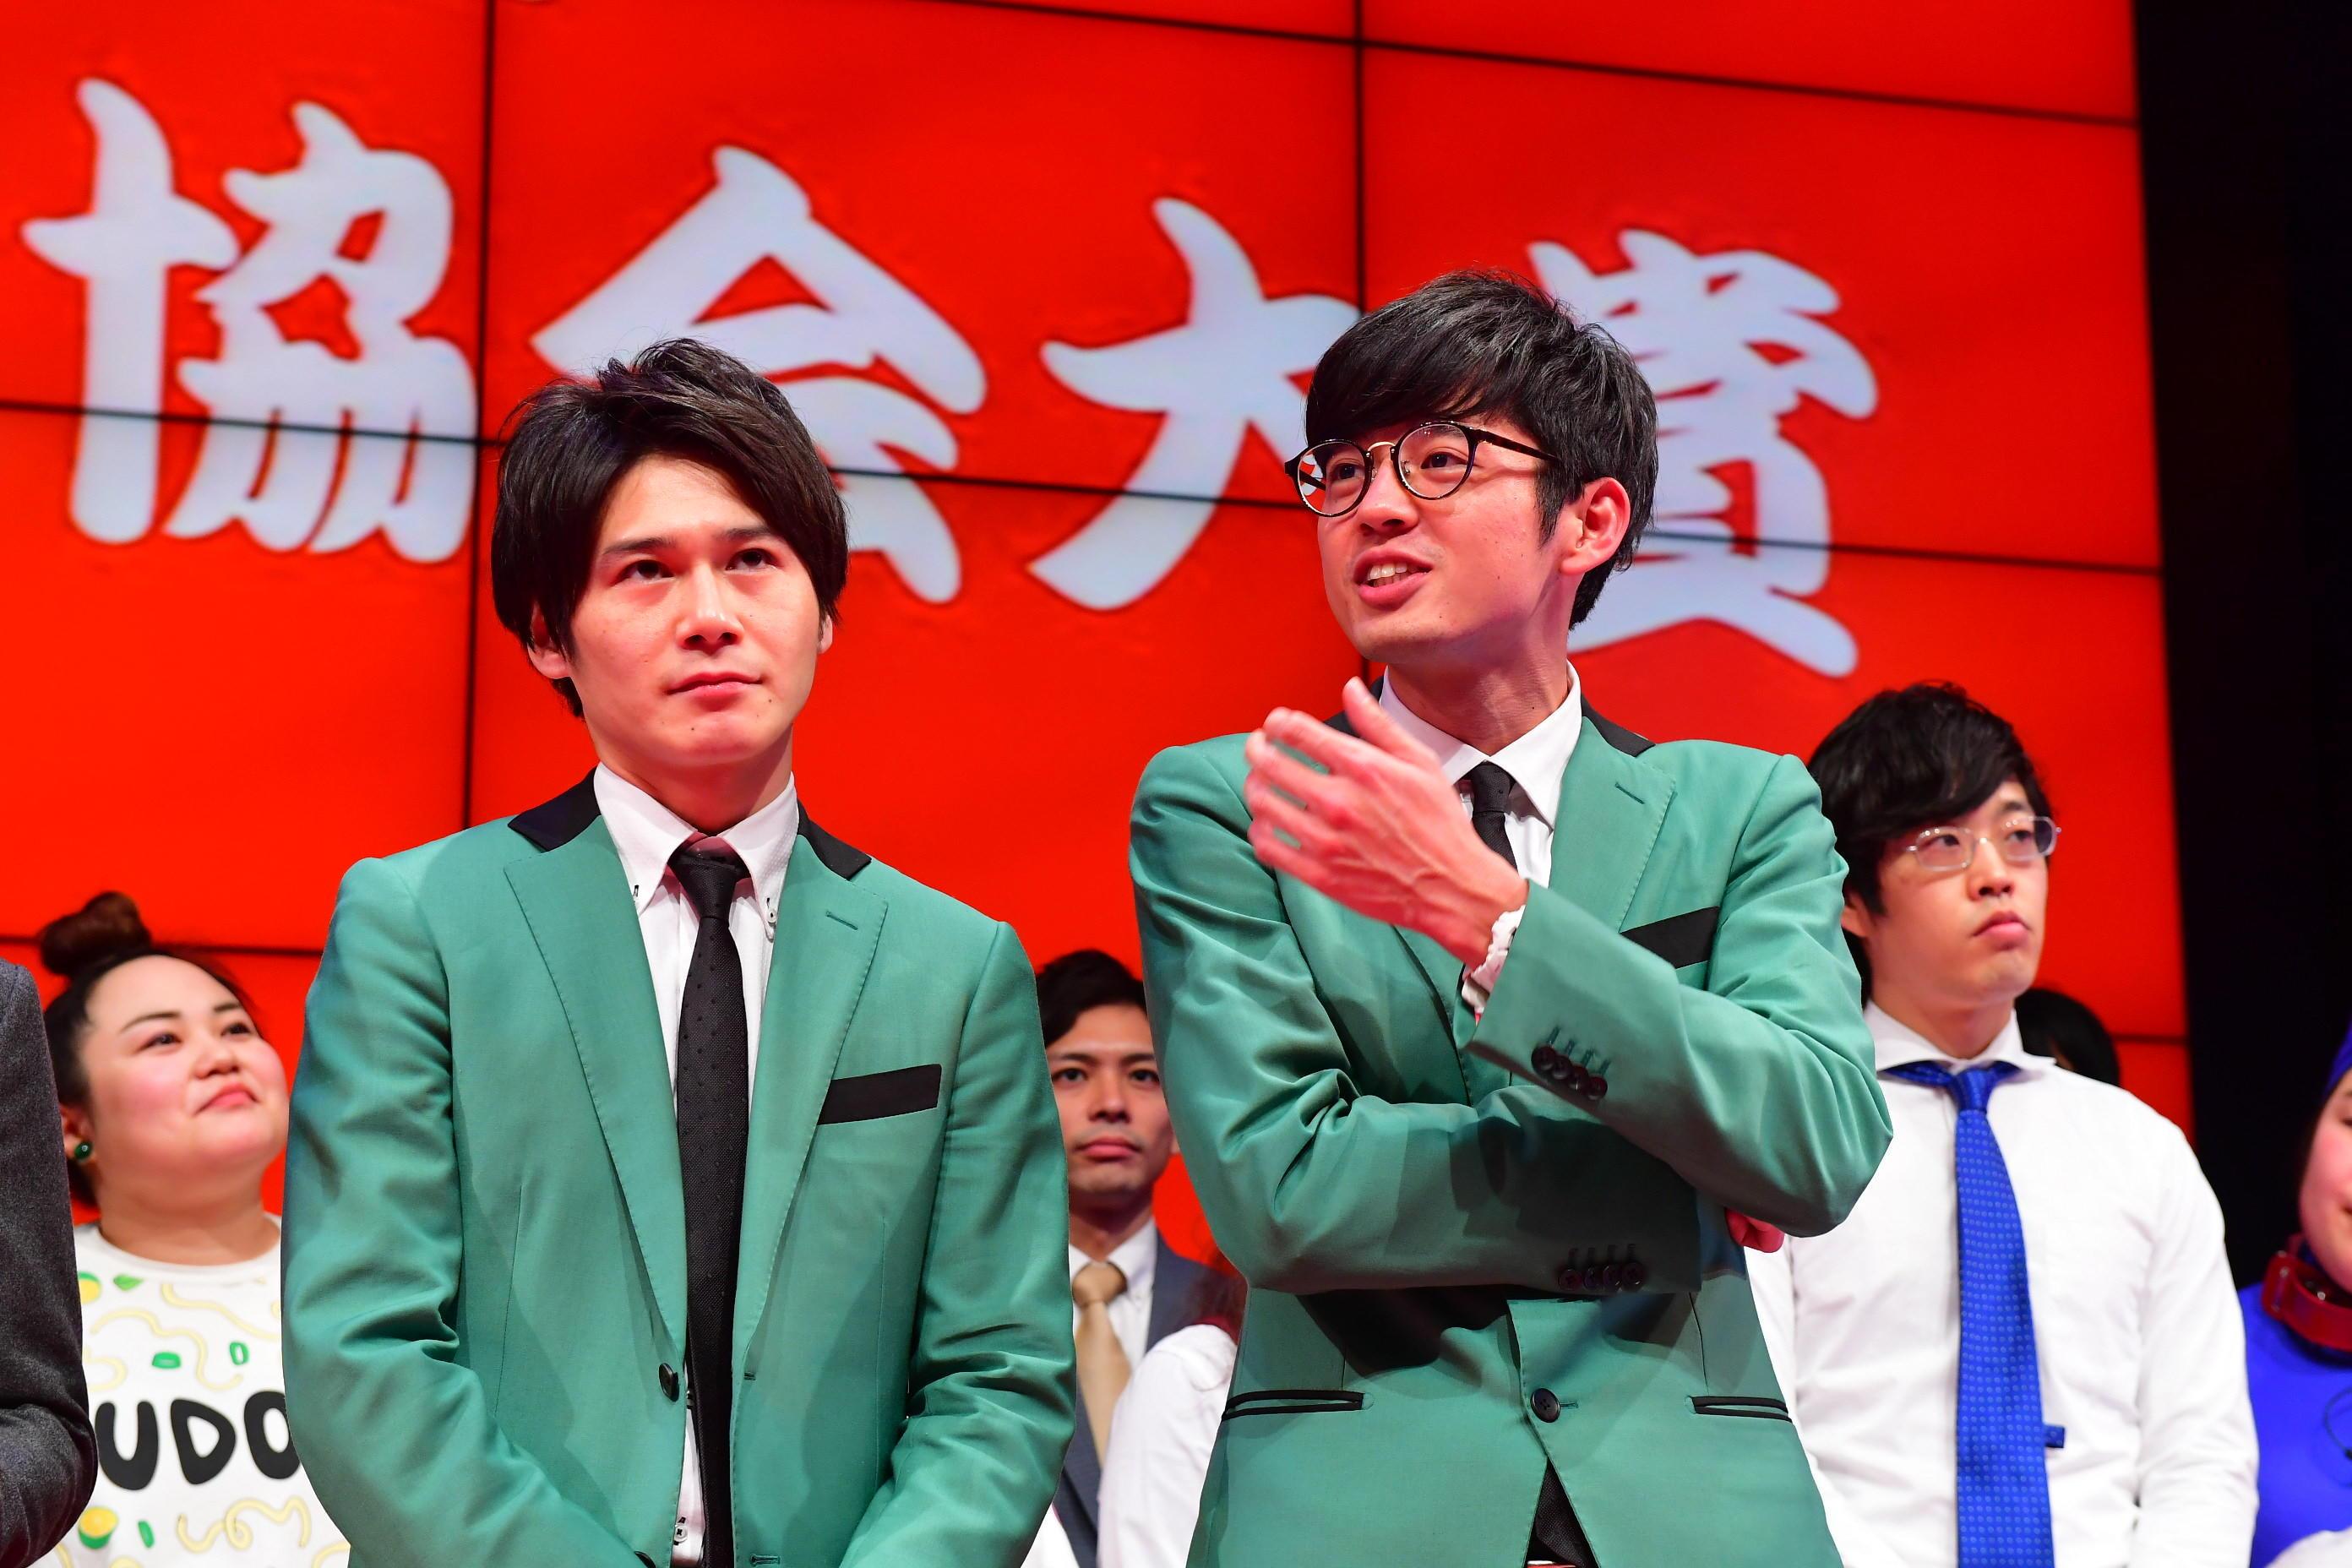 http://news.yoshimoto.co.jp/20180109021003-12d43e76c5444a06d1ed209ebf5e4f923578bb85.jpg